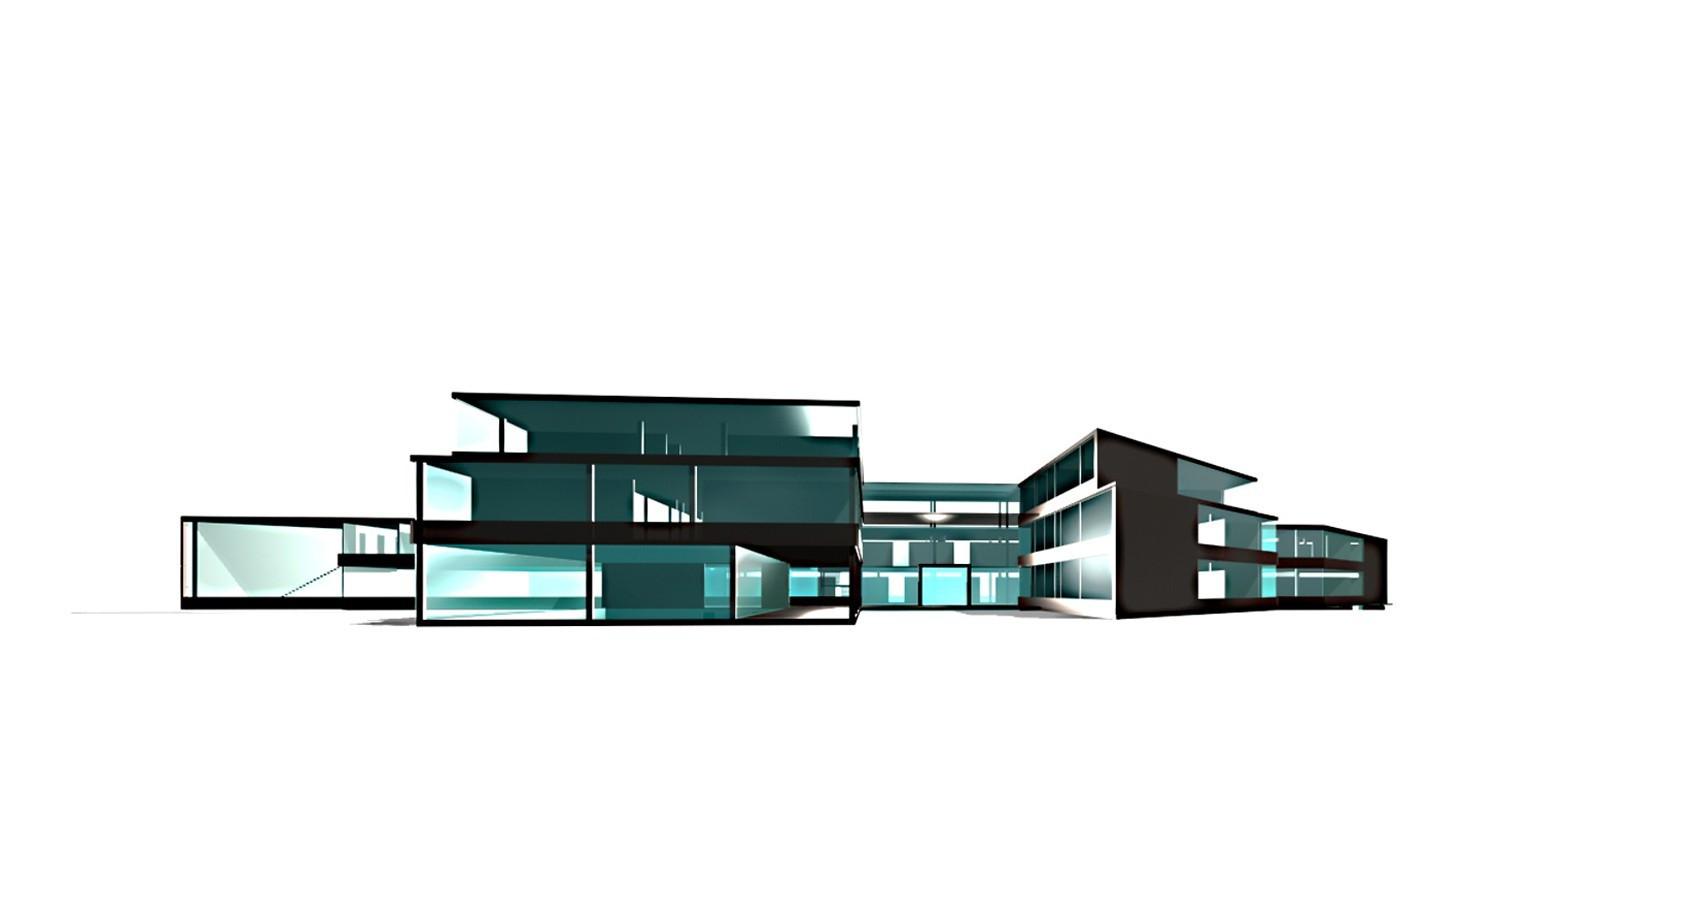 © RUNSER / PRANTL architekten, Landesberufsschule Mistelbach, 2130 Mistelbach, Niederösterreich, Österreich, 2002, Schule